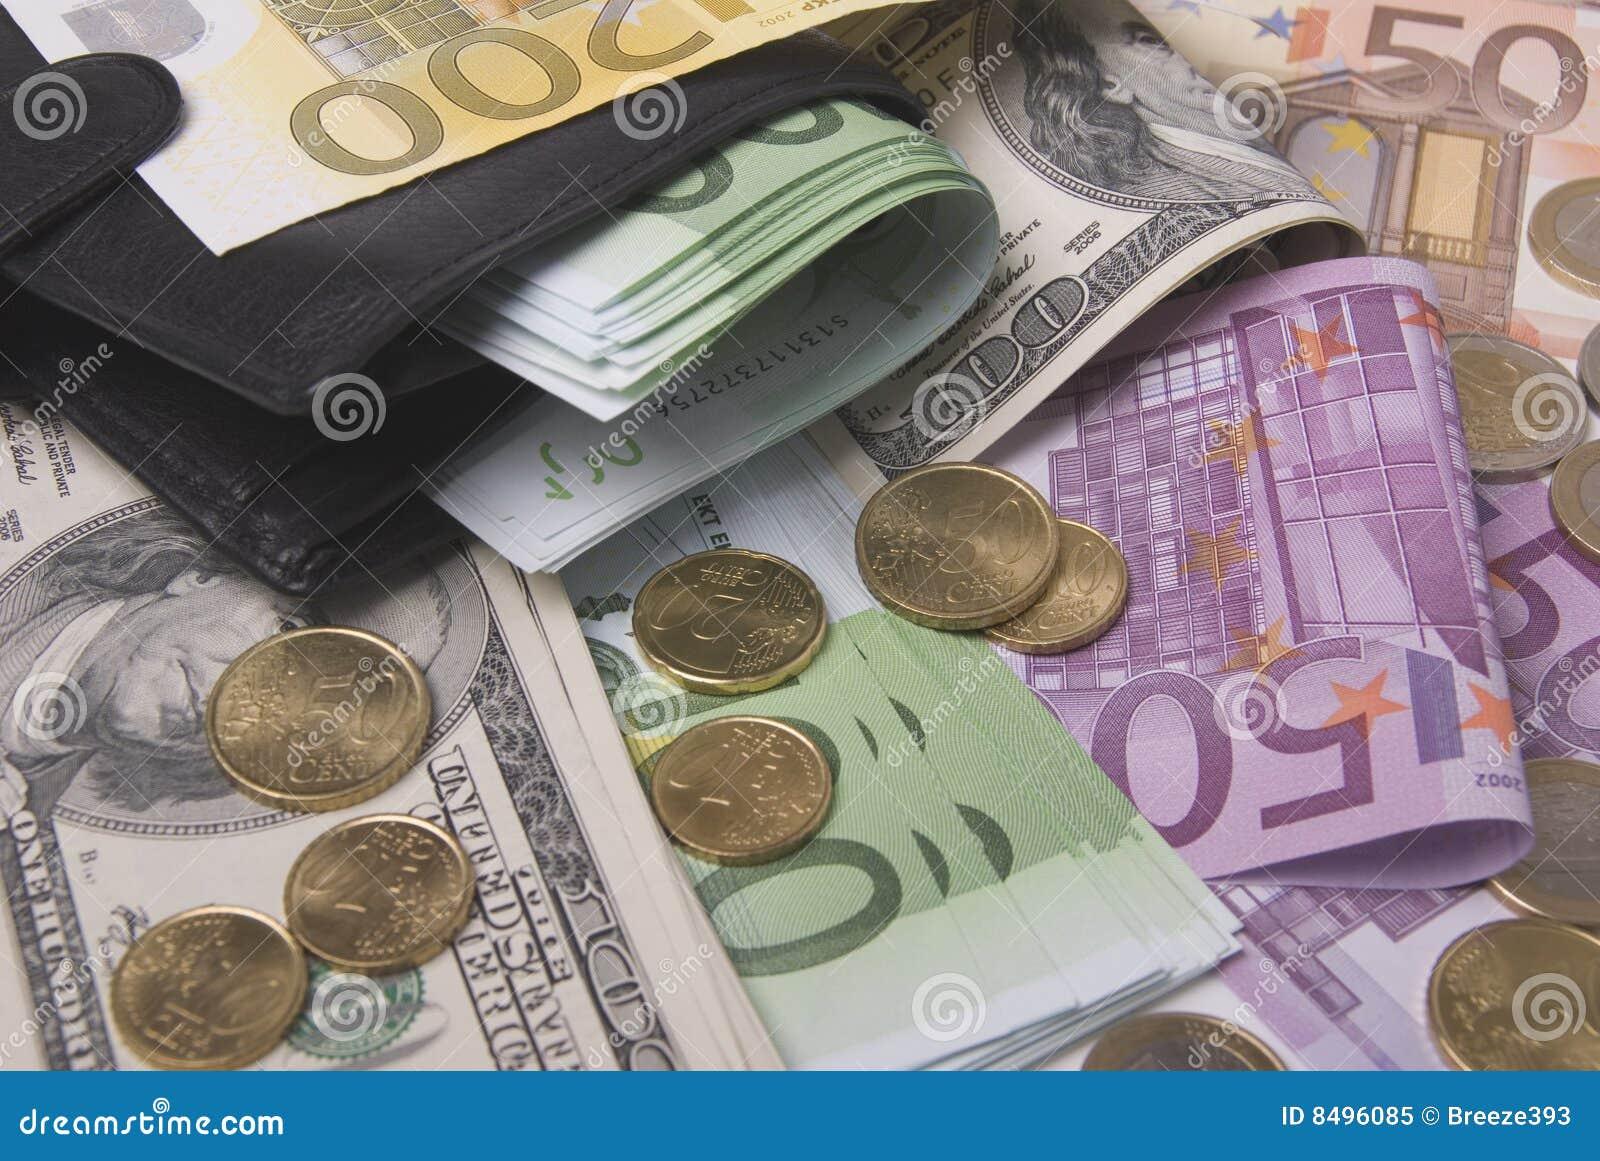 Dinero y monedero